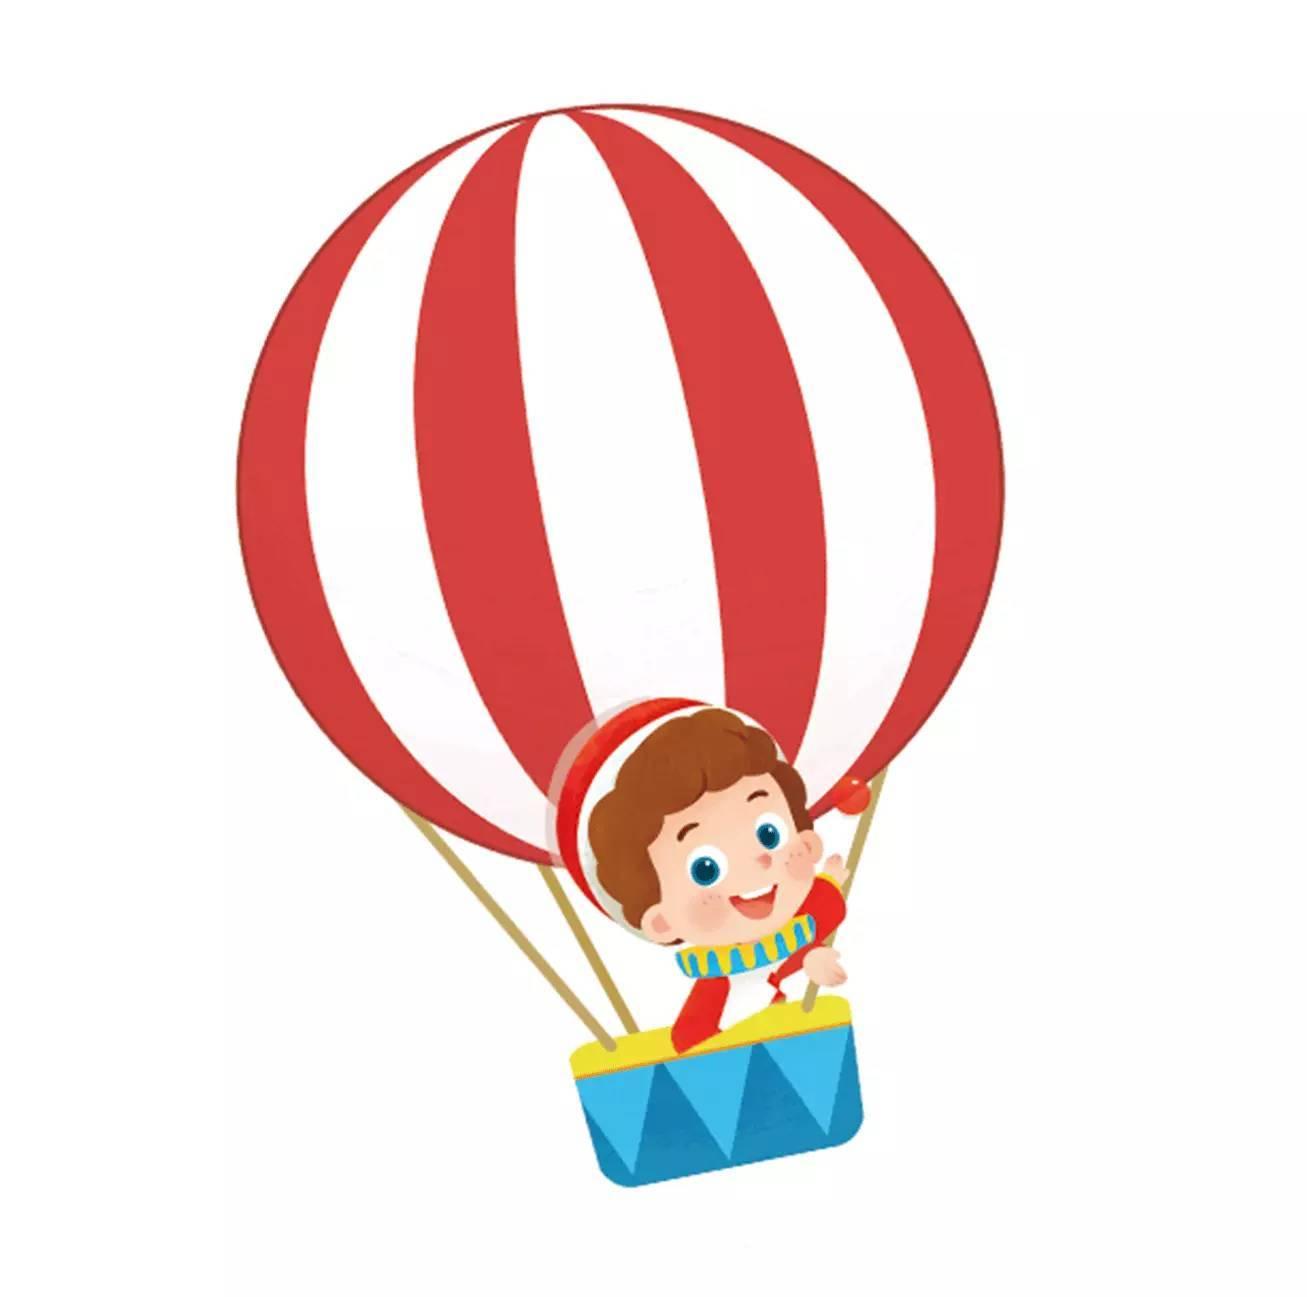 魔法气球快快飞,一飞飞进牛粪堆